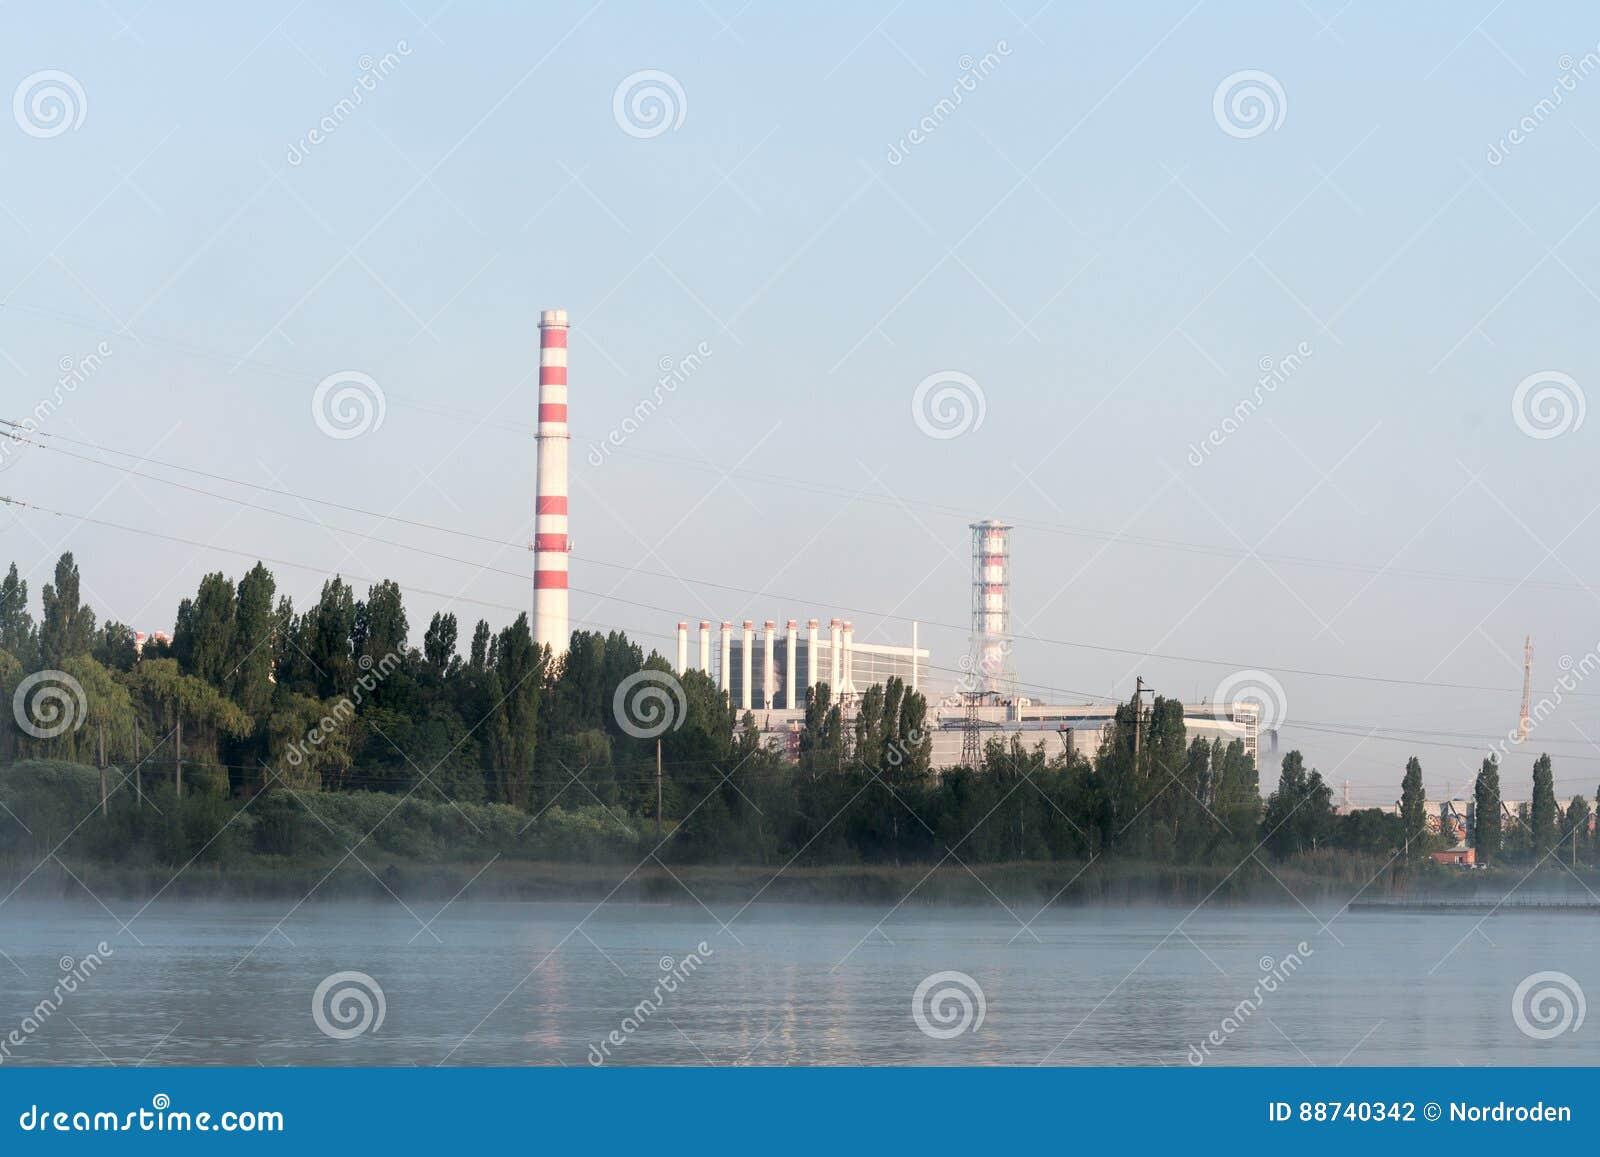 La centrale nucléaire de Kursk s est reflétée dans une surface calme de l eau